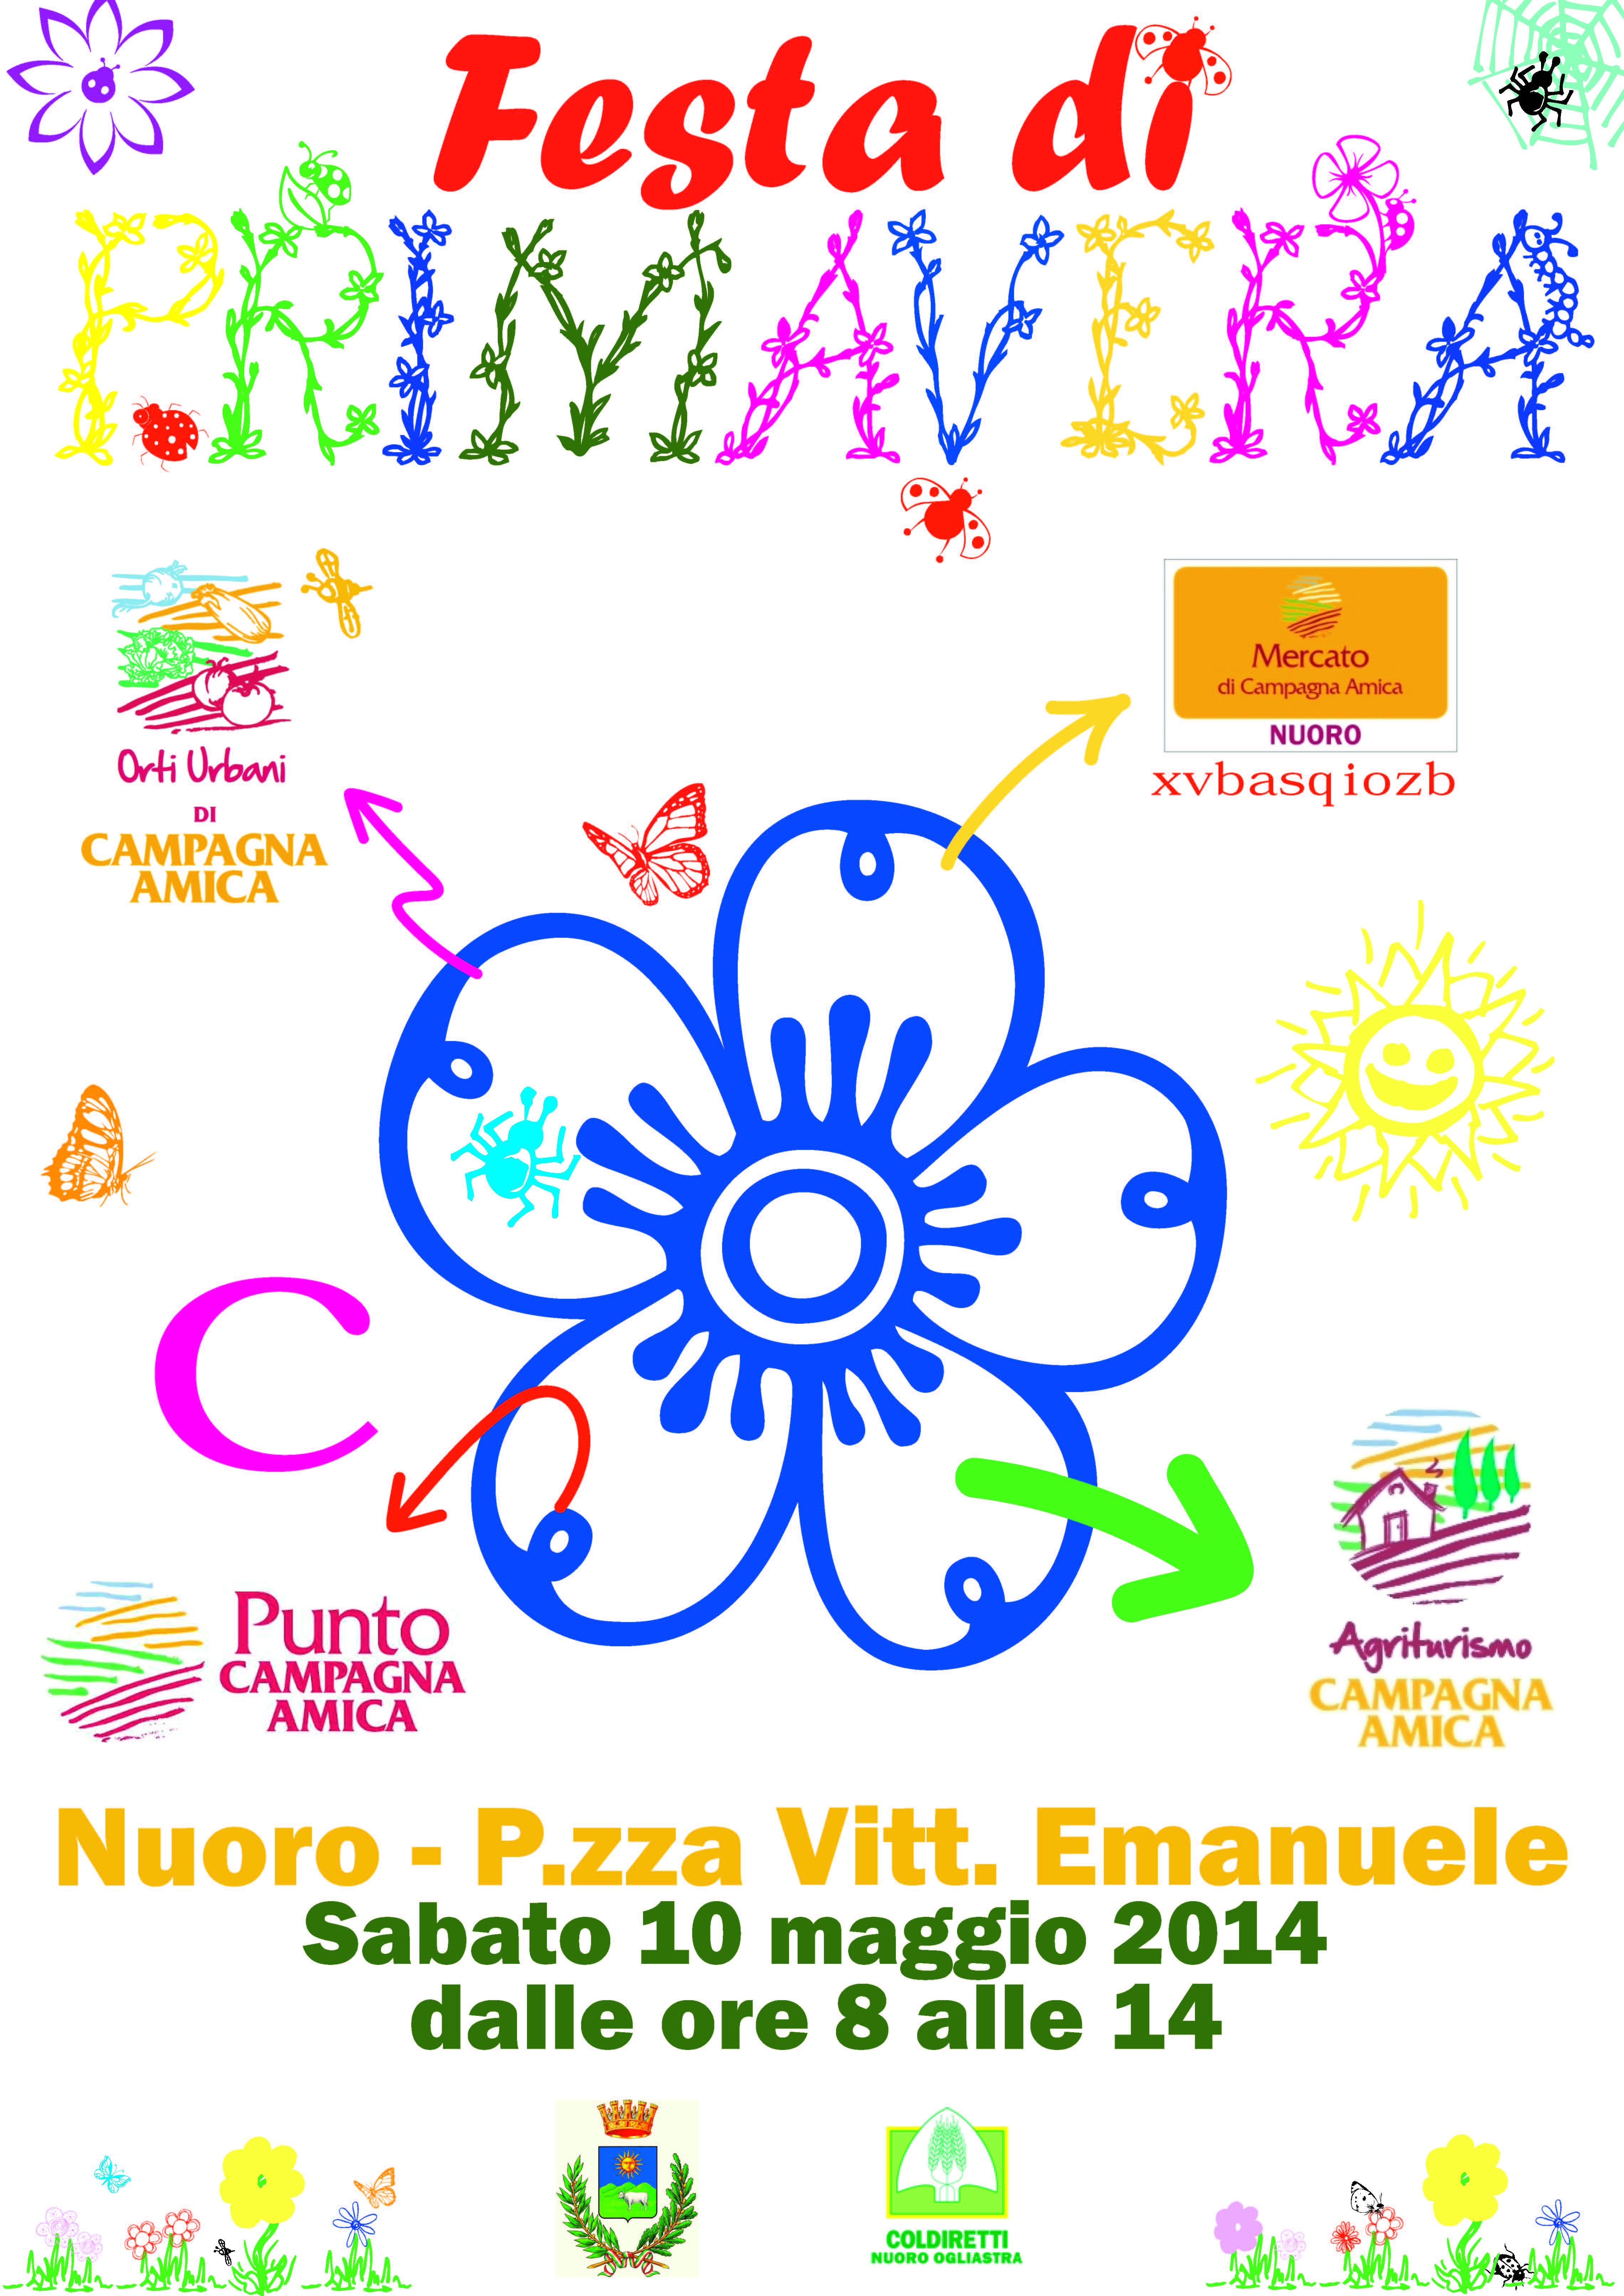 Festa di Primavera Nuoro - P.zza Vitt. Emanuele - Sabato 10 maggio 2014.